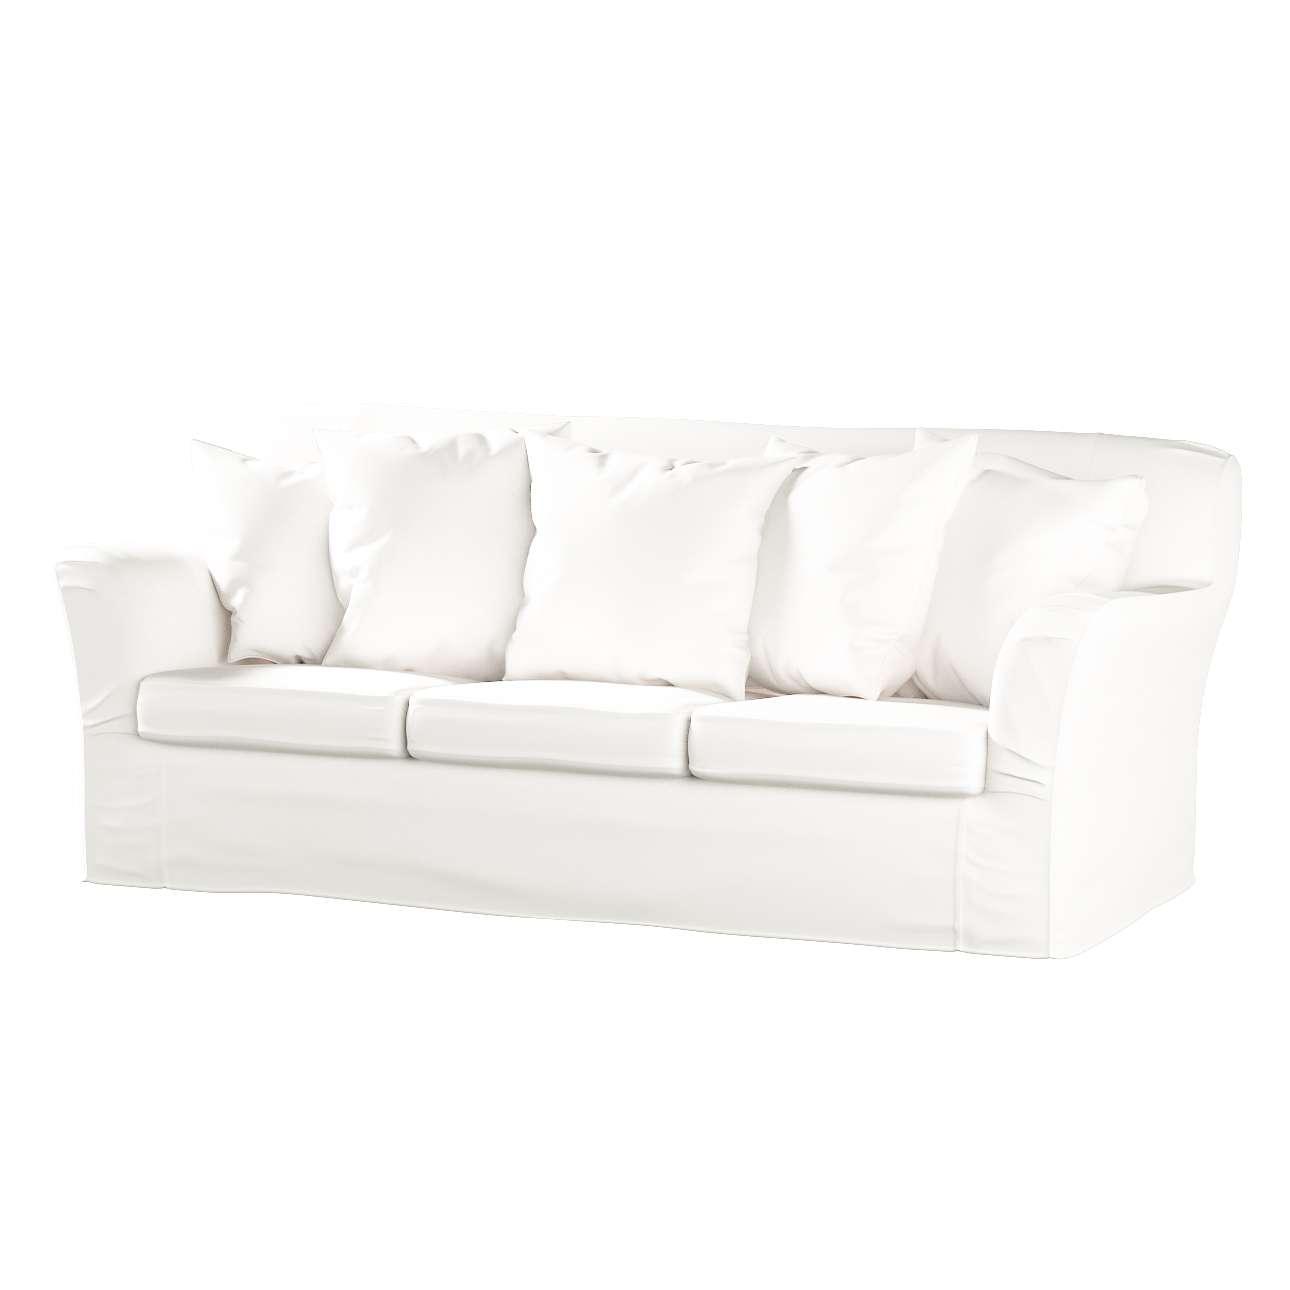 Pokrowiec na sofę Tomelilla 3-osobową nierozkładaną Sofa Tomelilla 3-osobowa w kolekcji Cotton Panama, tkanina: 702-34